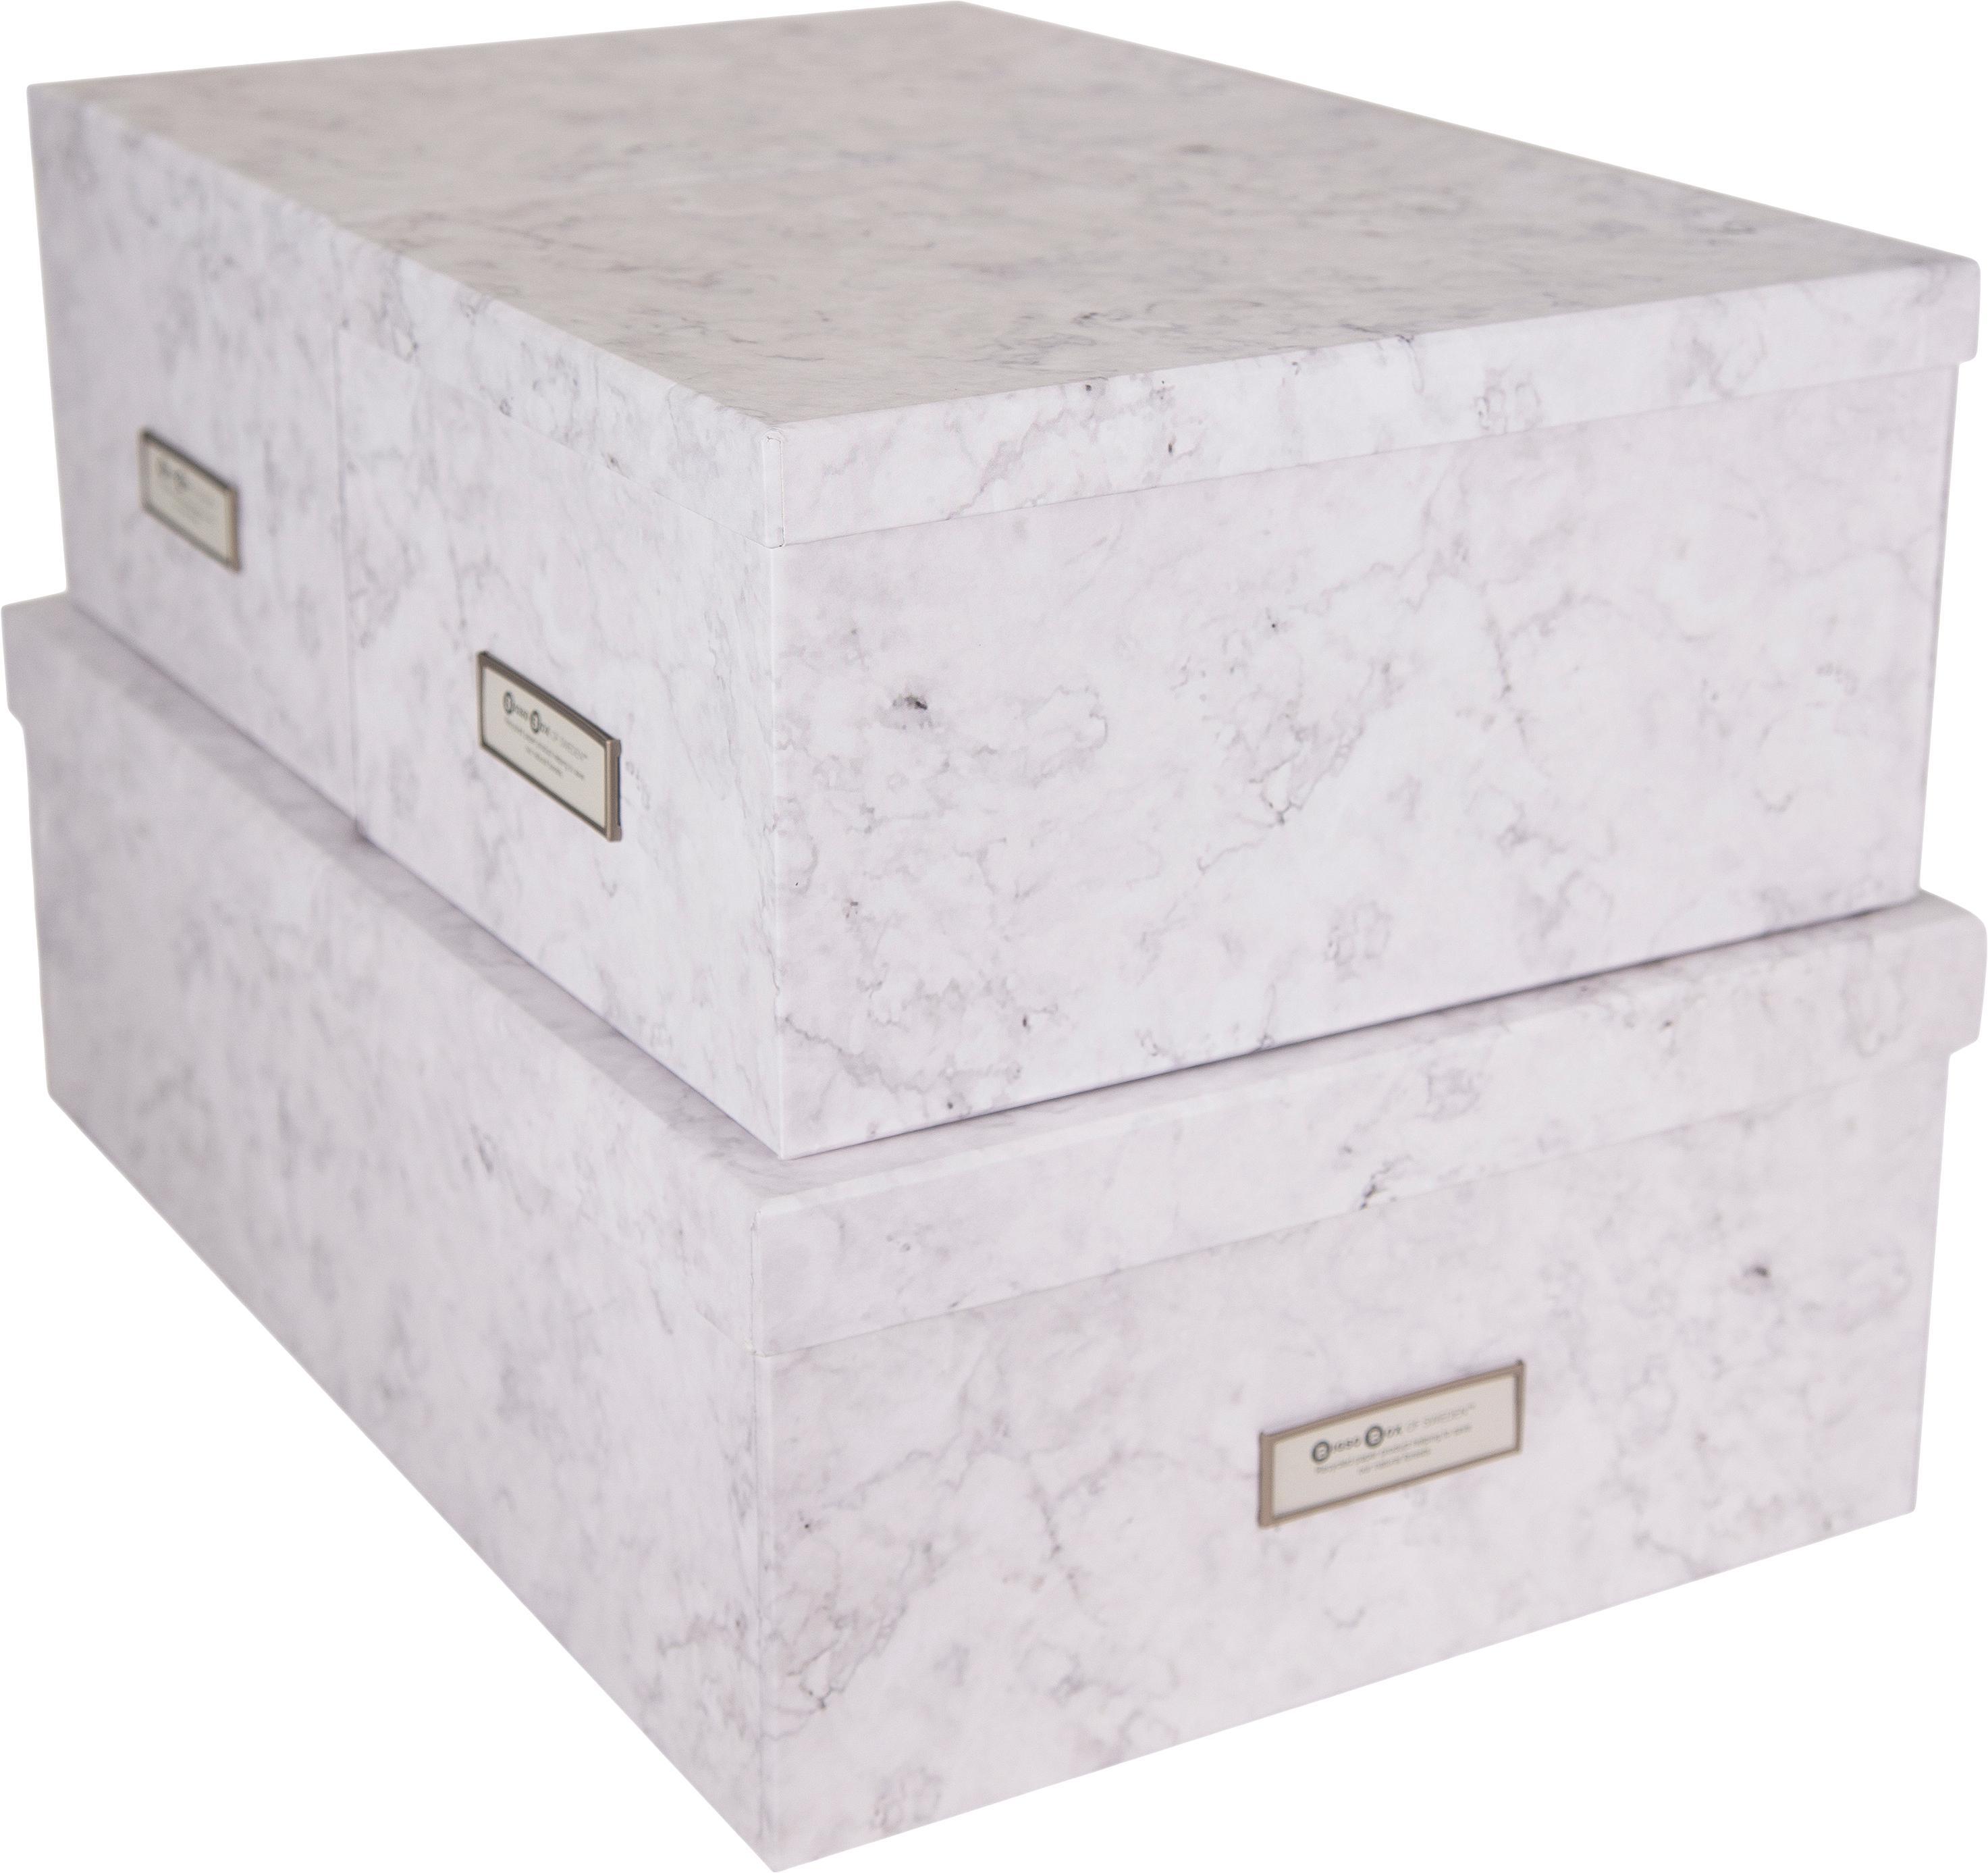 Opbergdozenset Inge, 3-delig, Doos: stevig, gelamineerd karto, Wit, gemarmerd, Set met verschillende formaten